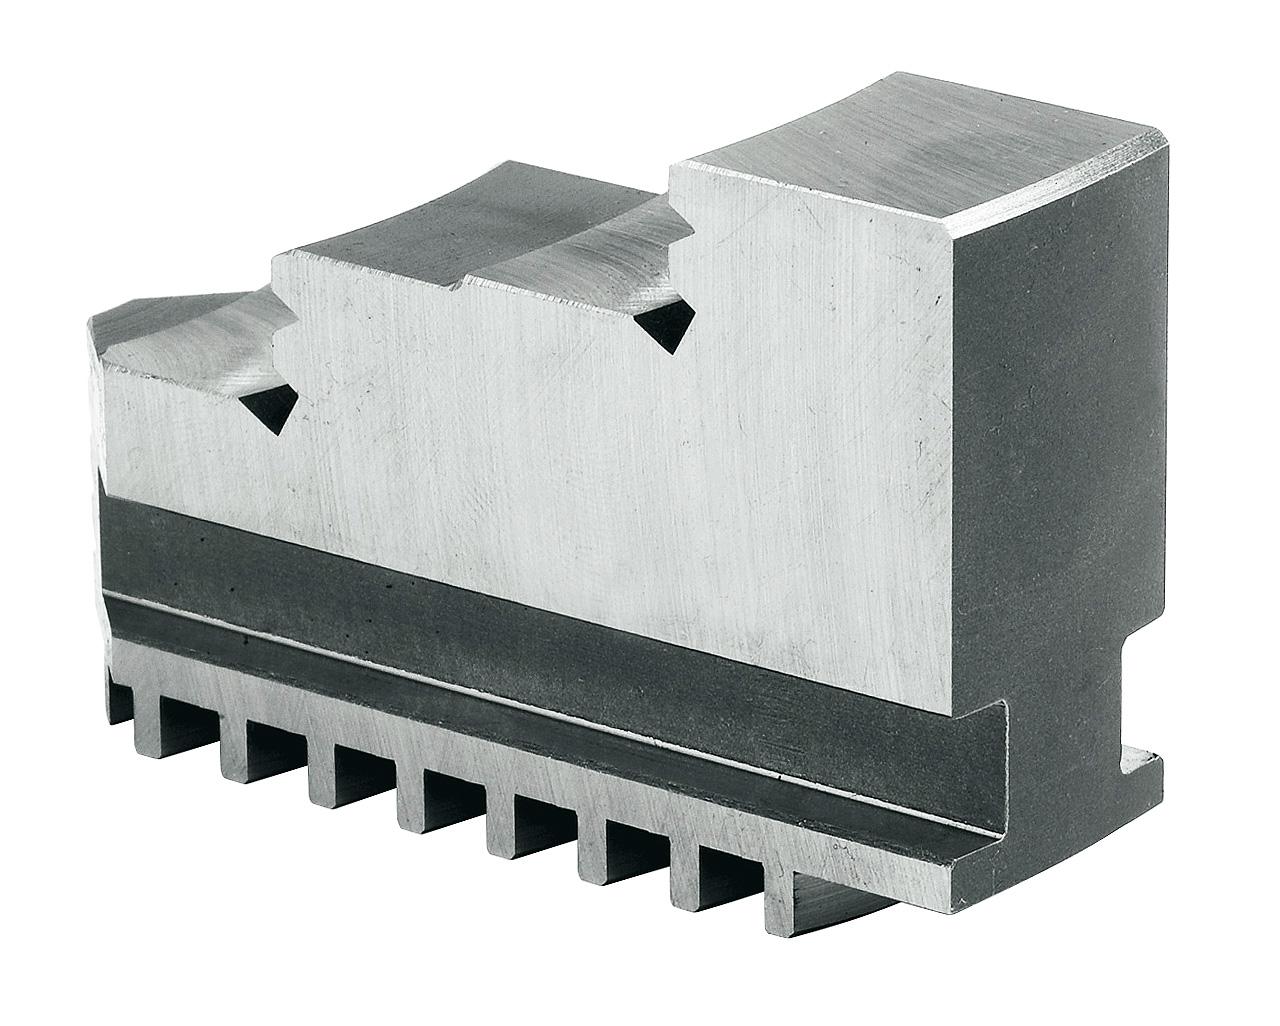 Szczęki jednolite twarde wewnętrzne - komplet DIJ-DK12-200 BERNARDO